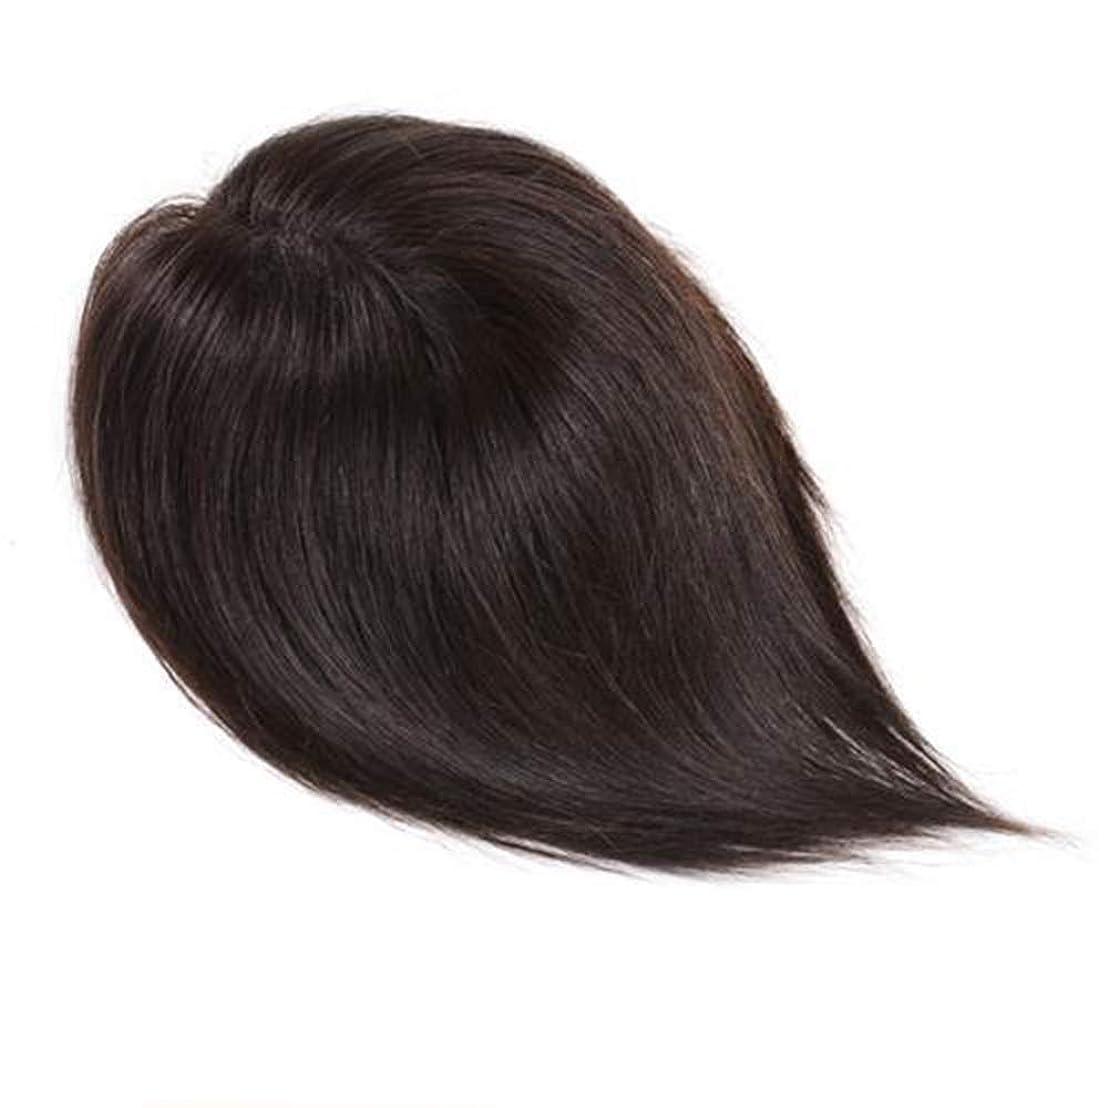 寛大さカヌー鎮痛剤BOBIDYEE 女性のロングストレートヘアハンドウィッグ自然に見える女性のヘアシステム (色 : Natural color, サイズ : 25cm)